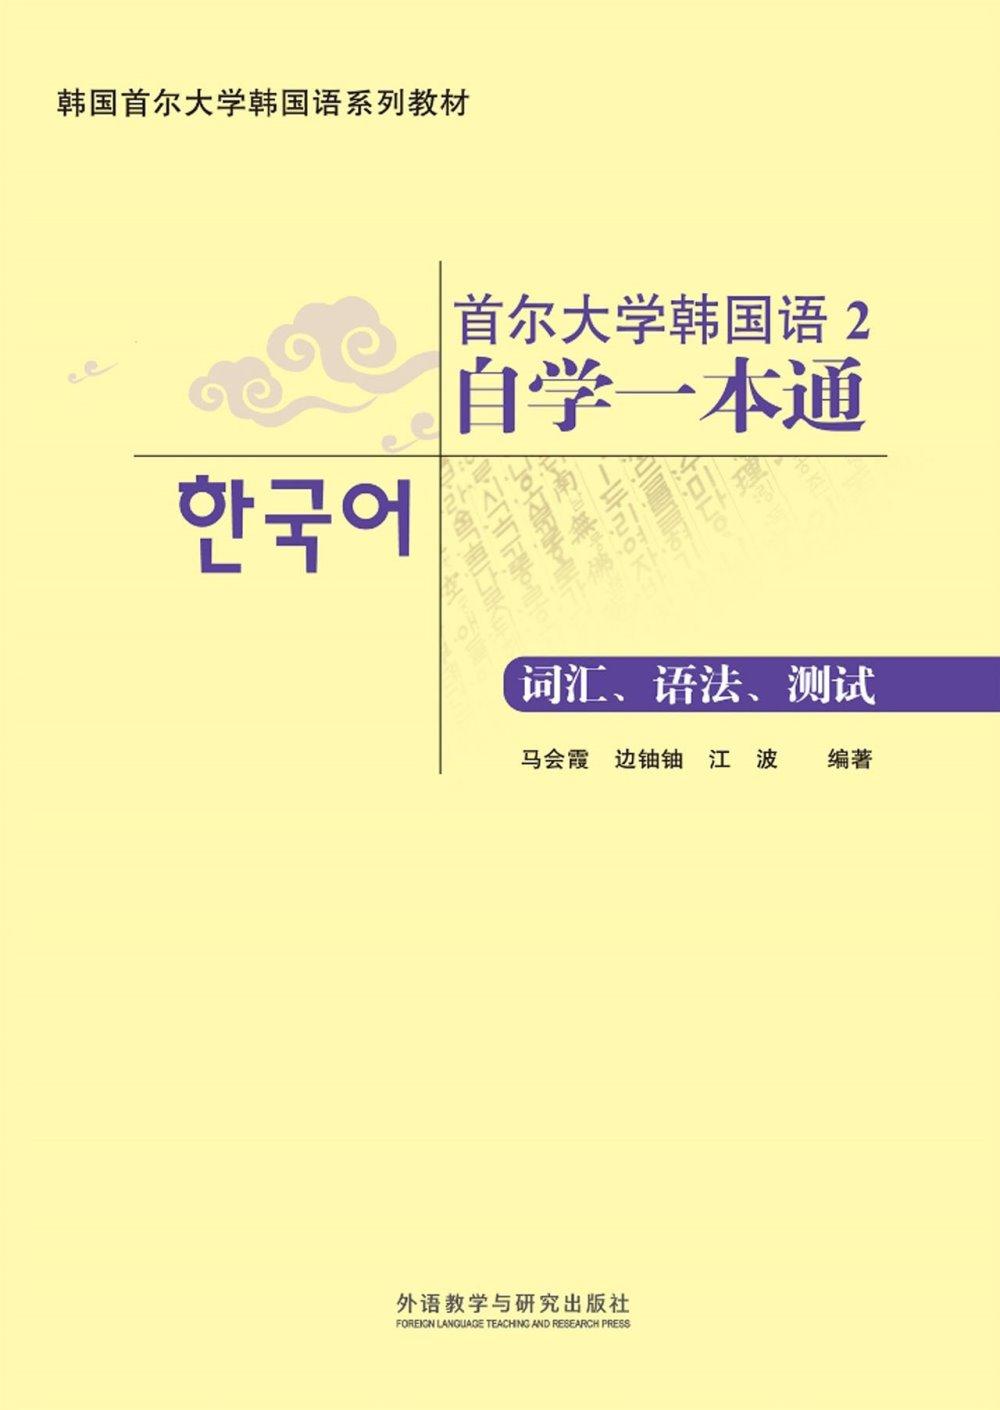 首爾大學韓國語 2 自學一本通:詞匯、語法、測試